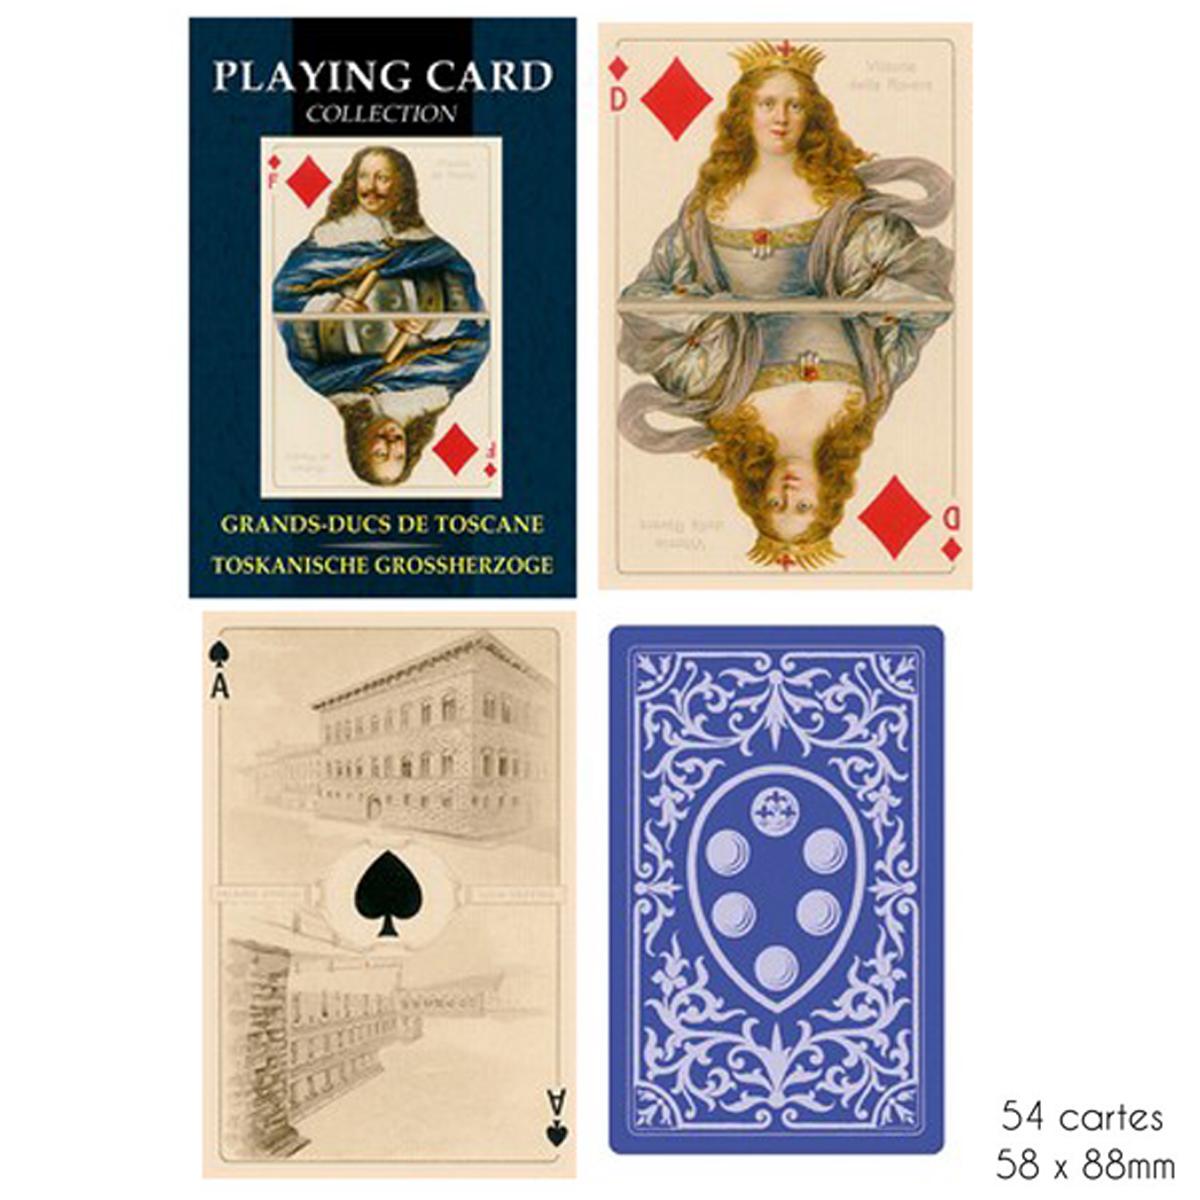 Jeu de cartes Créateur \'Grands Ducs de Toscane\' - 9x6x2 cm - [A2978]